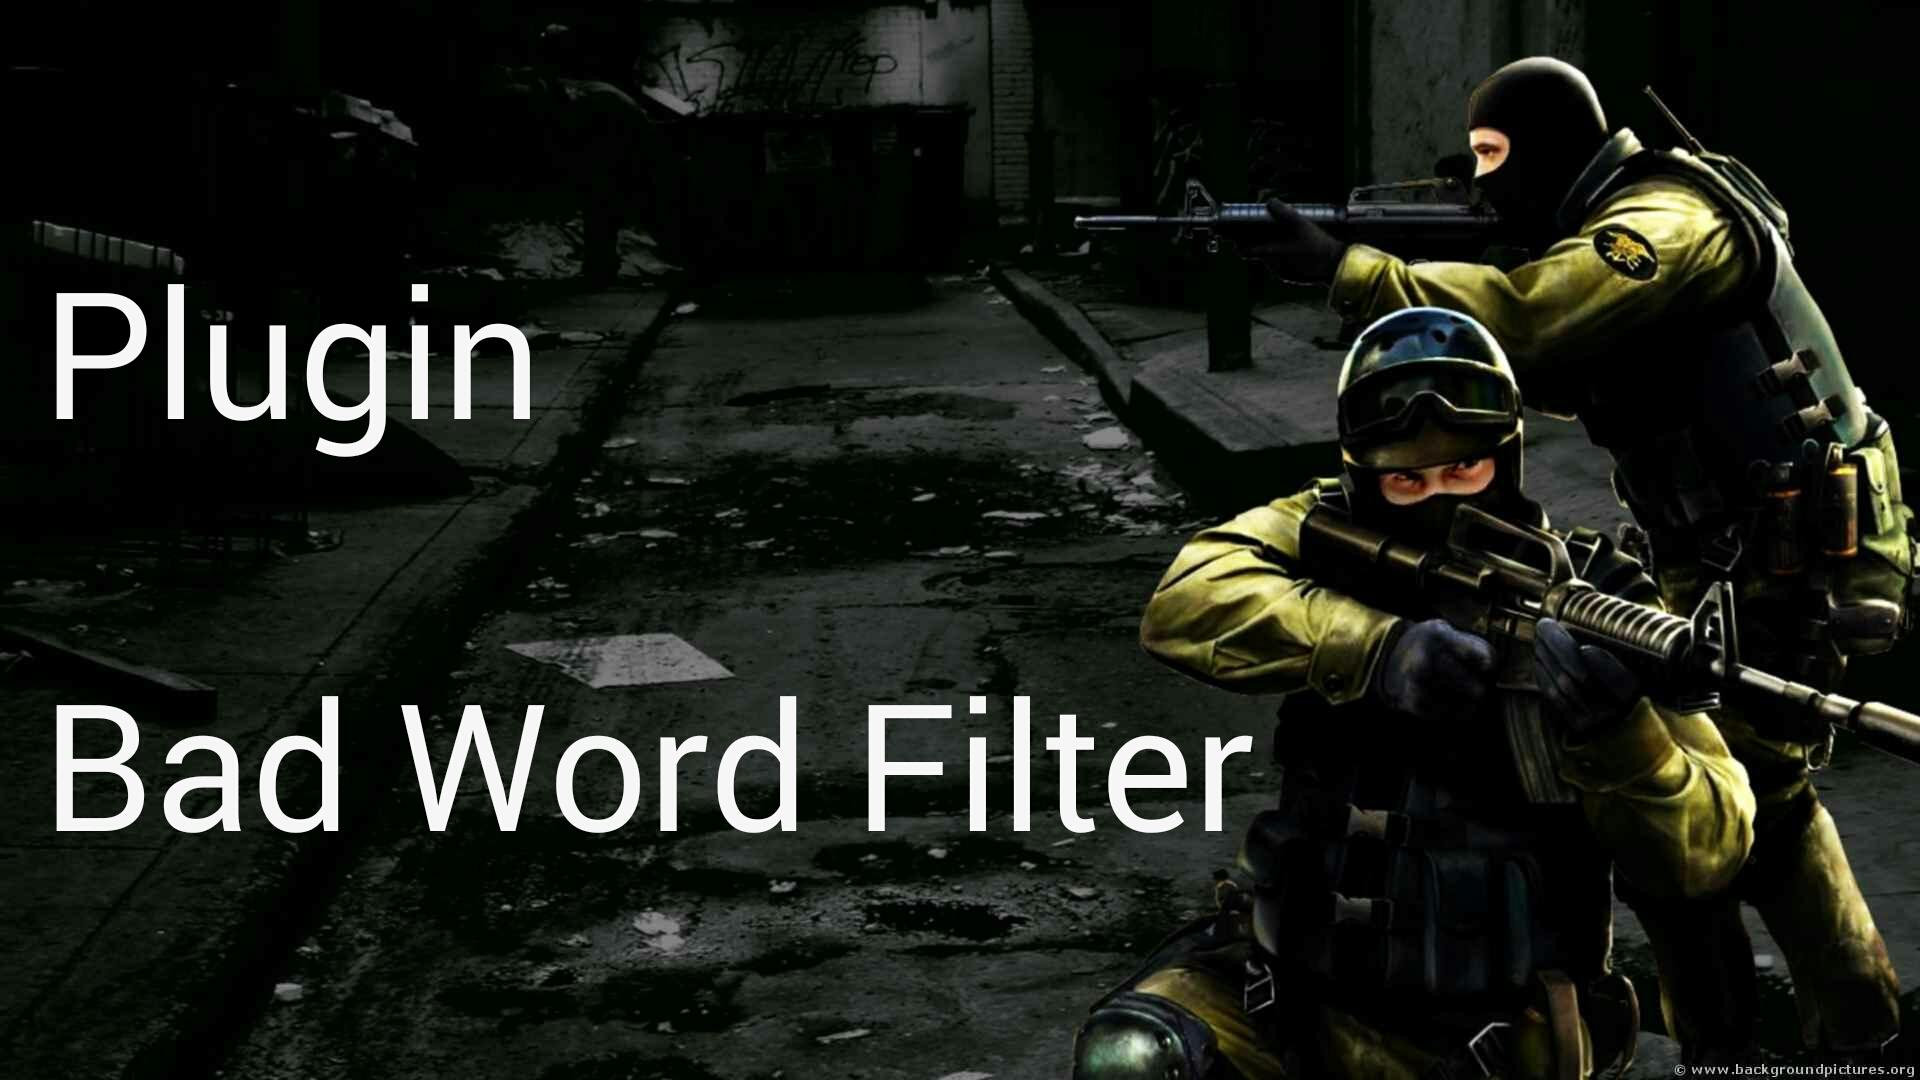 دانلود پلاگین Bad Word Filter برای کانتر استریک 1.6